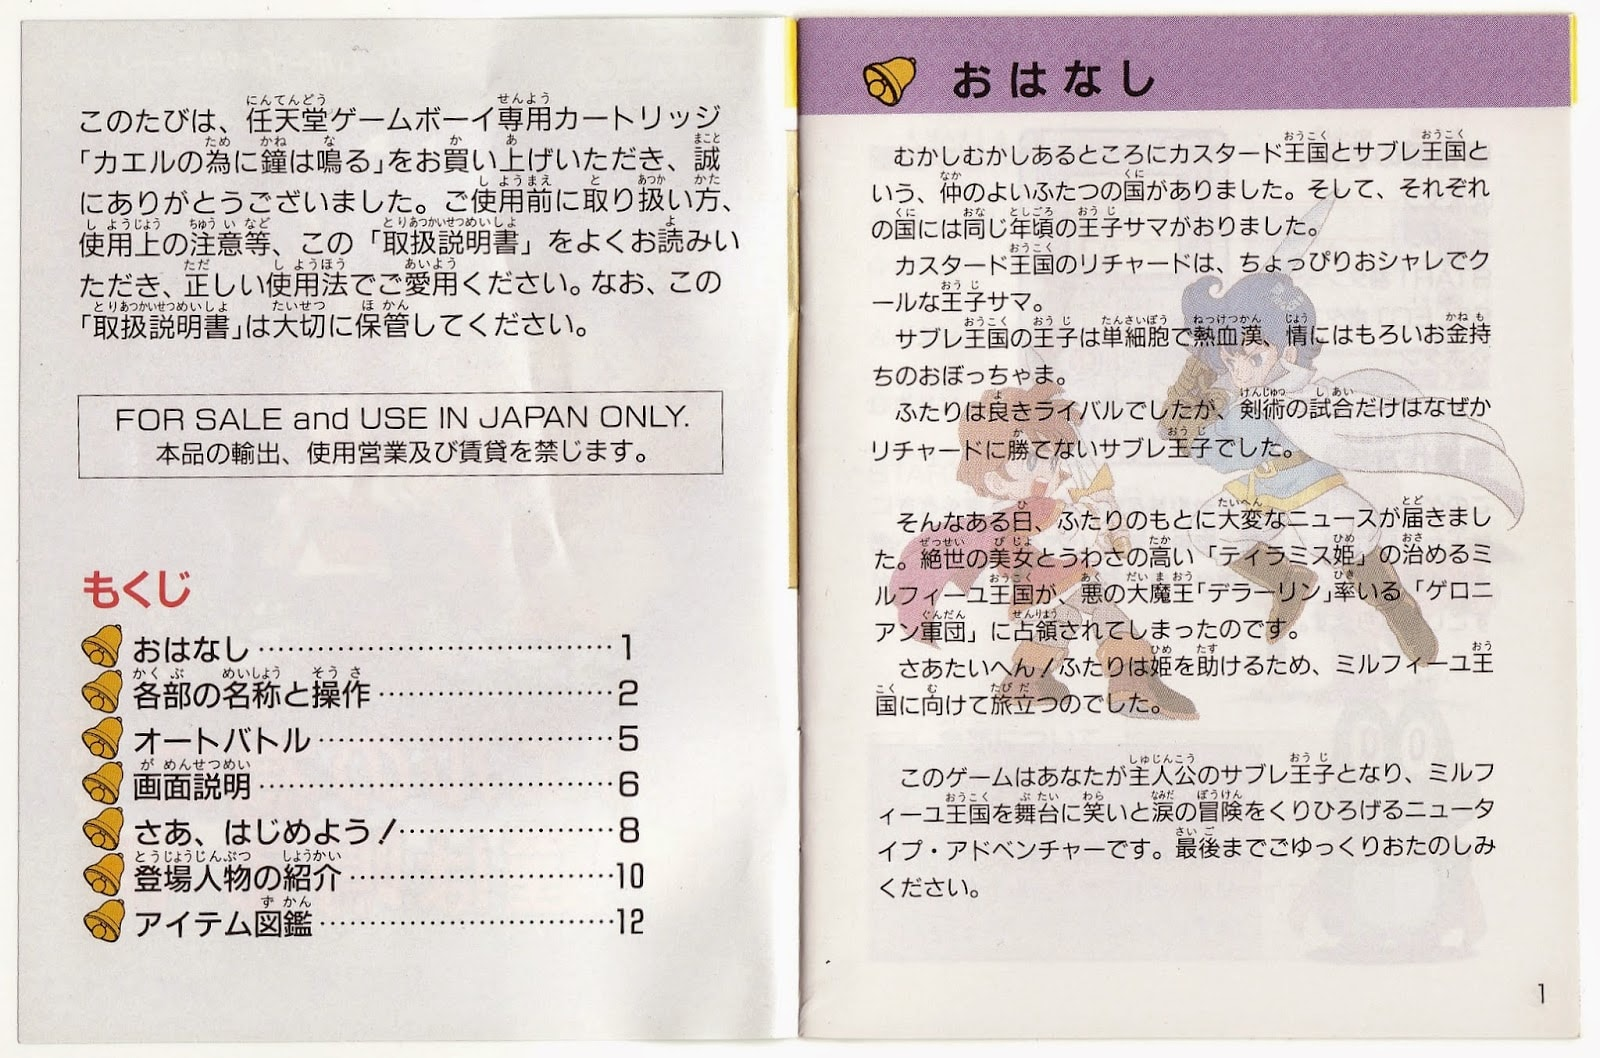 NLfJ9mn - 渋谷の女子高生87%「ゲームボーイのカエルの為に鐘は鳴るをやったことがない」